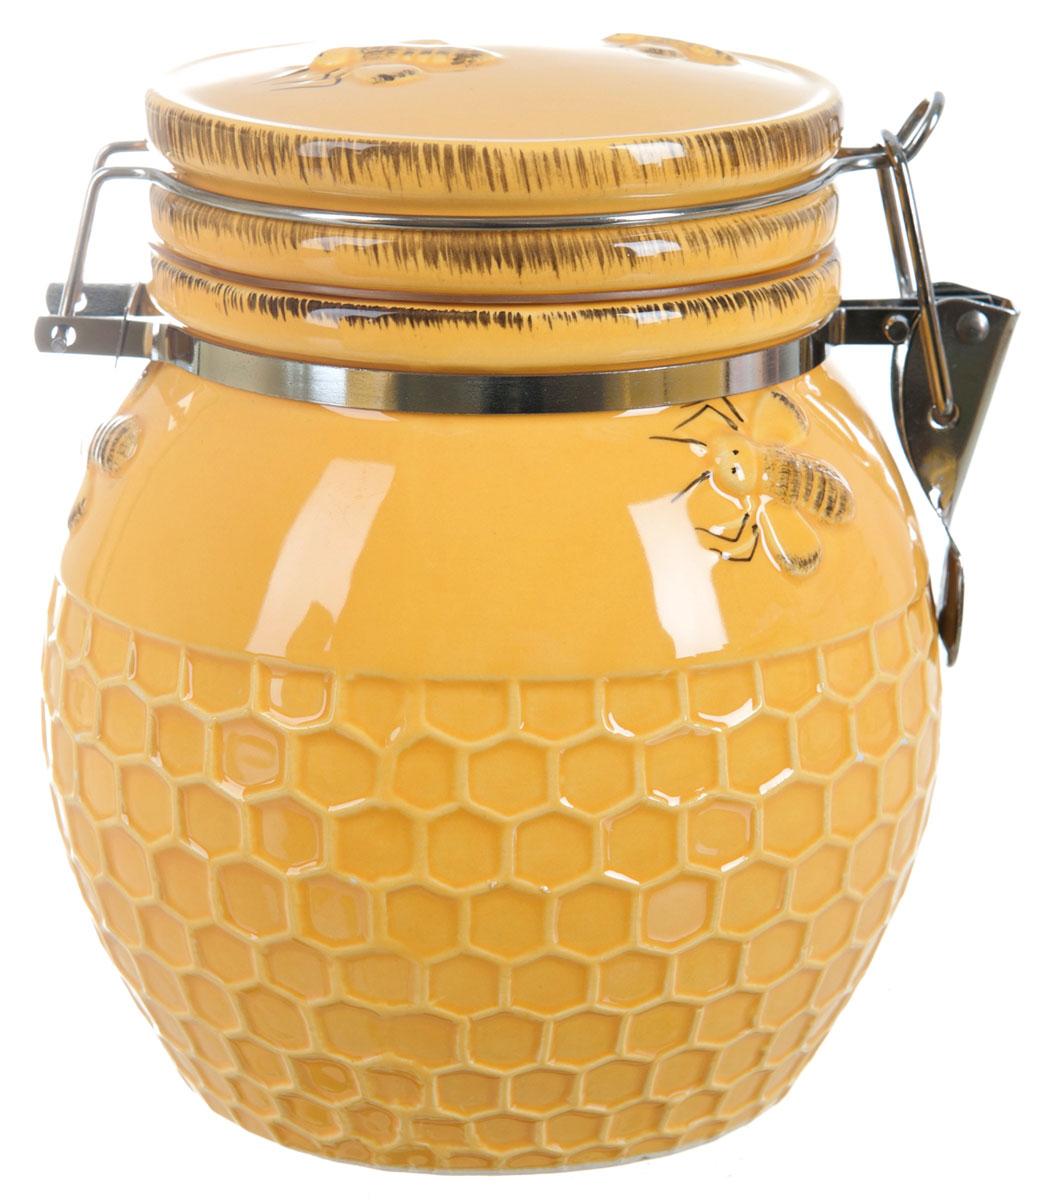 Банка для сыпучих продуктов ENS Group Пчелка, 800 мл2750010Банка для сыпучих продуктов изготовлена из высококачественной керамики. Изделие оформлено красочным изображением. Банка прекрасно подойдет для хранения различных сыпучих продуктов: чая, кофе, сахара, круп и многого другого. Изящная емкость не только поможет хранить разнообразные сыпучие продукты, но и стильно дополнит интерьер кухни.